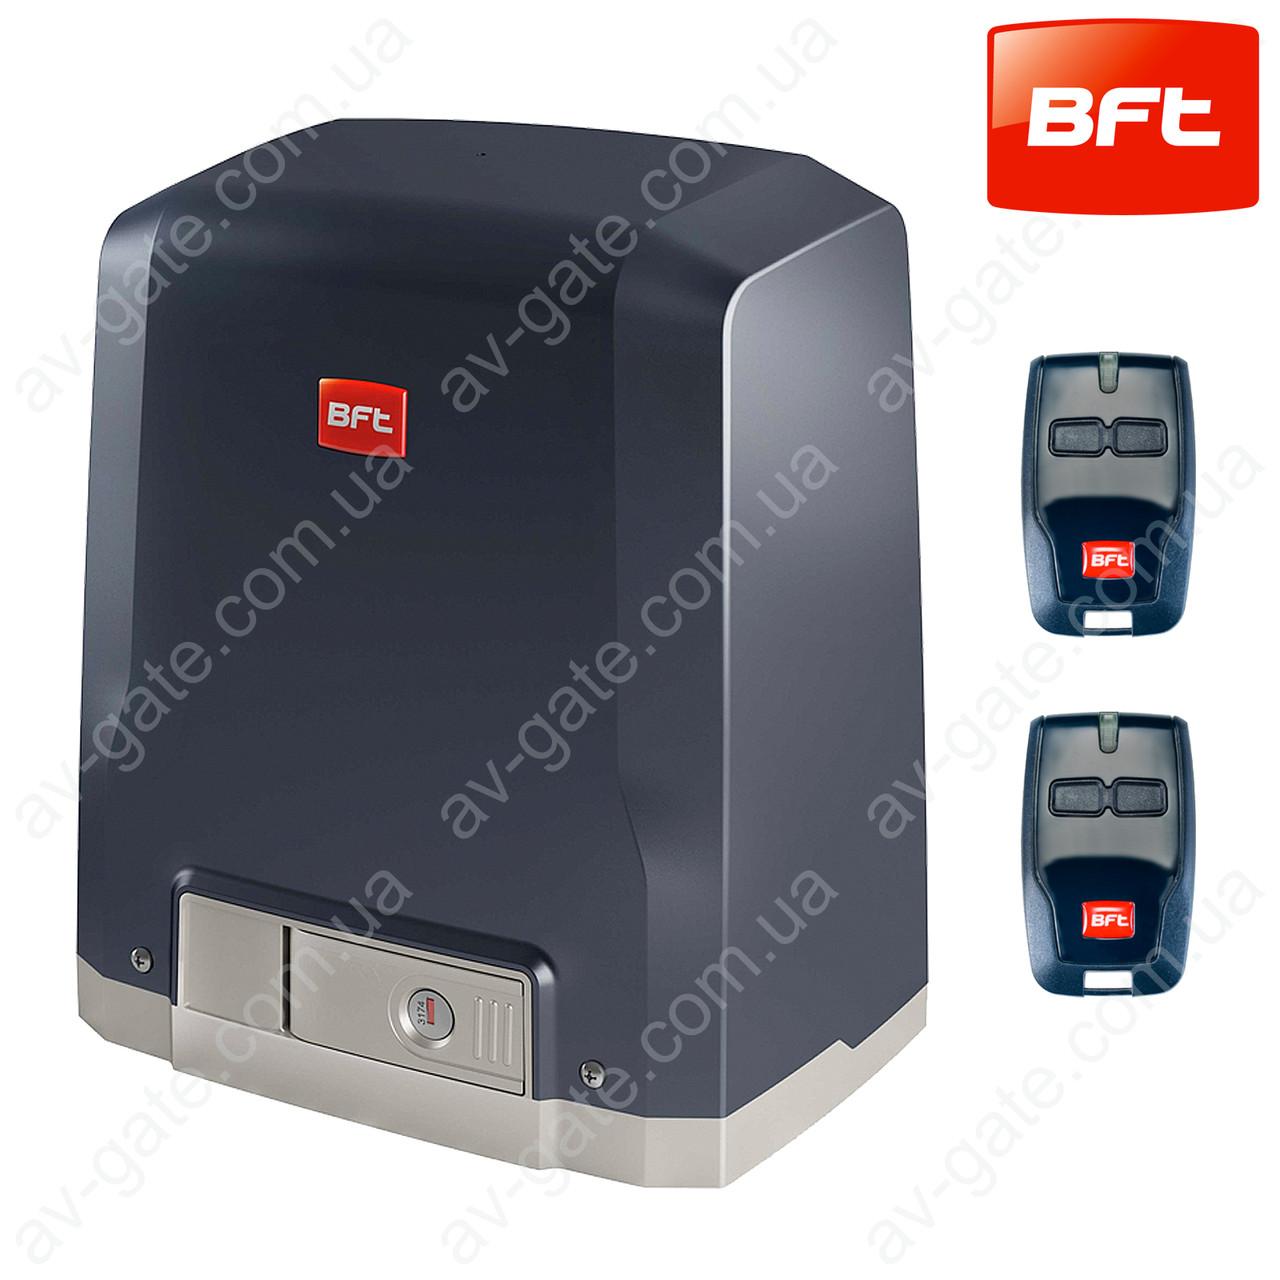 Комплект автоматики DEIMOS AC A800 KIT BFT для откатных ворот (масса до 800 кг)